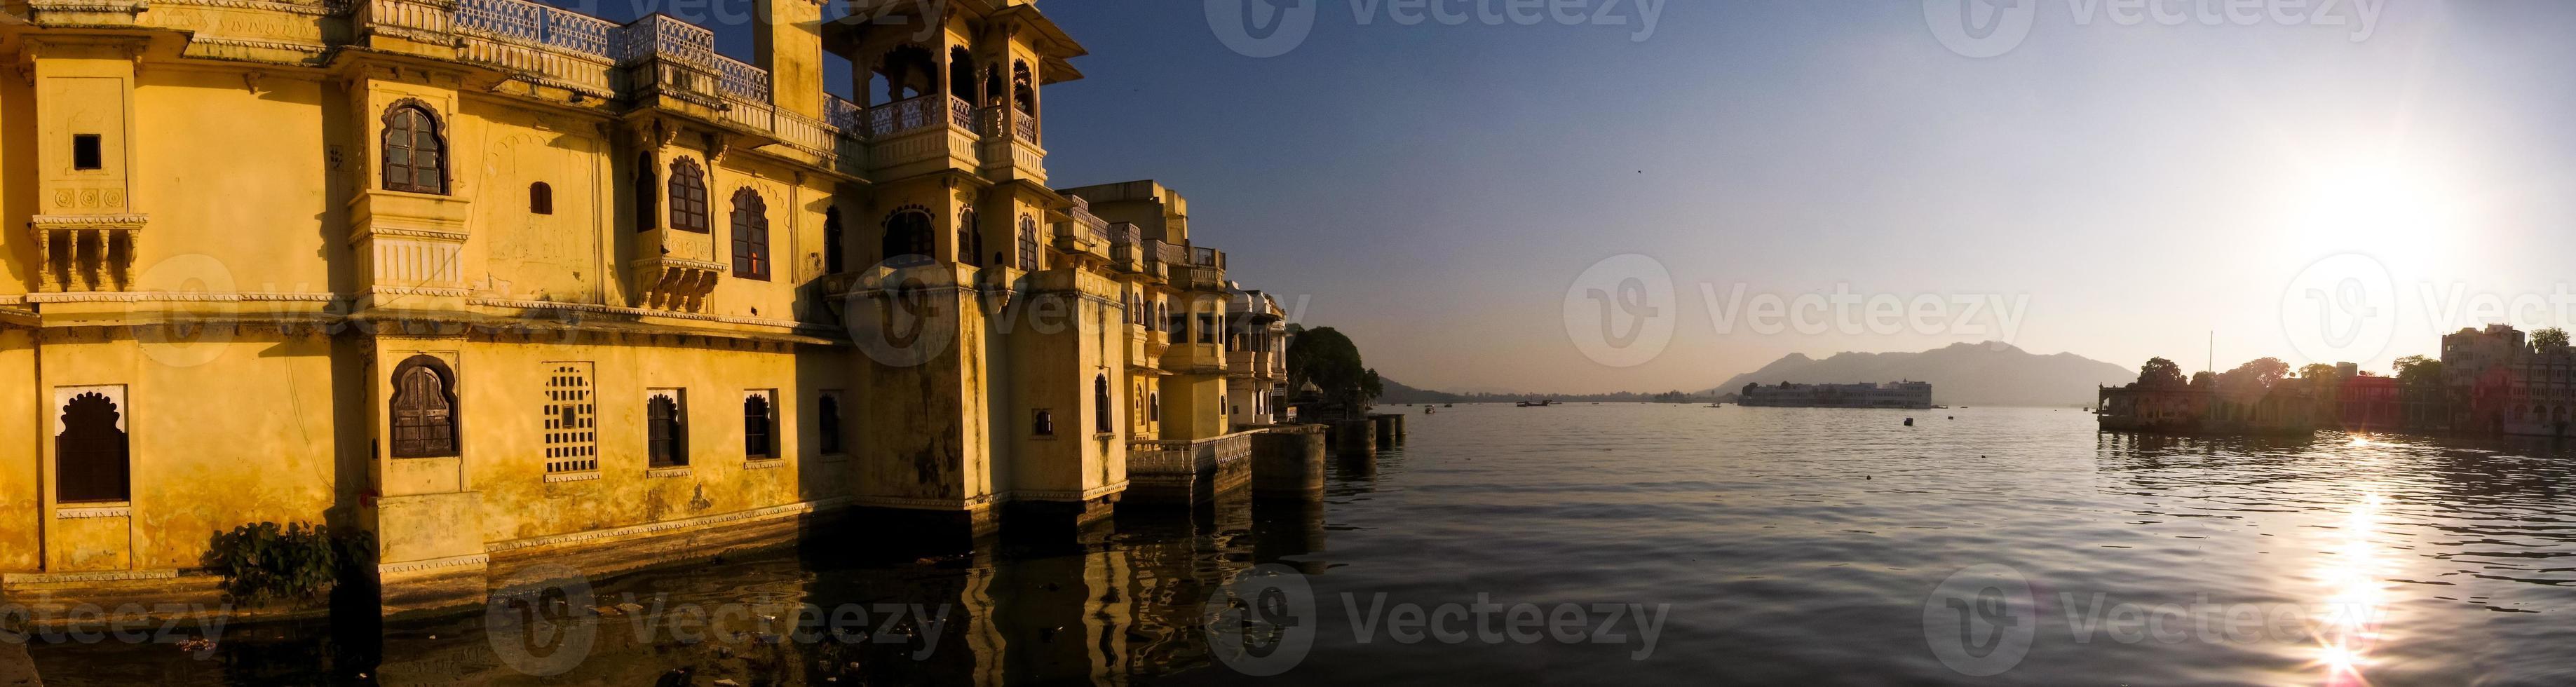 tramonto sul palazzo e sul lago foto